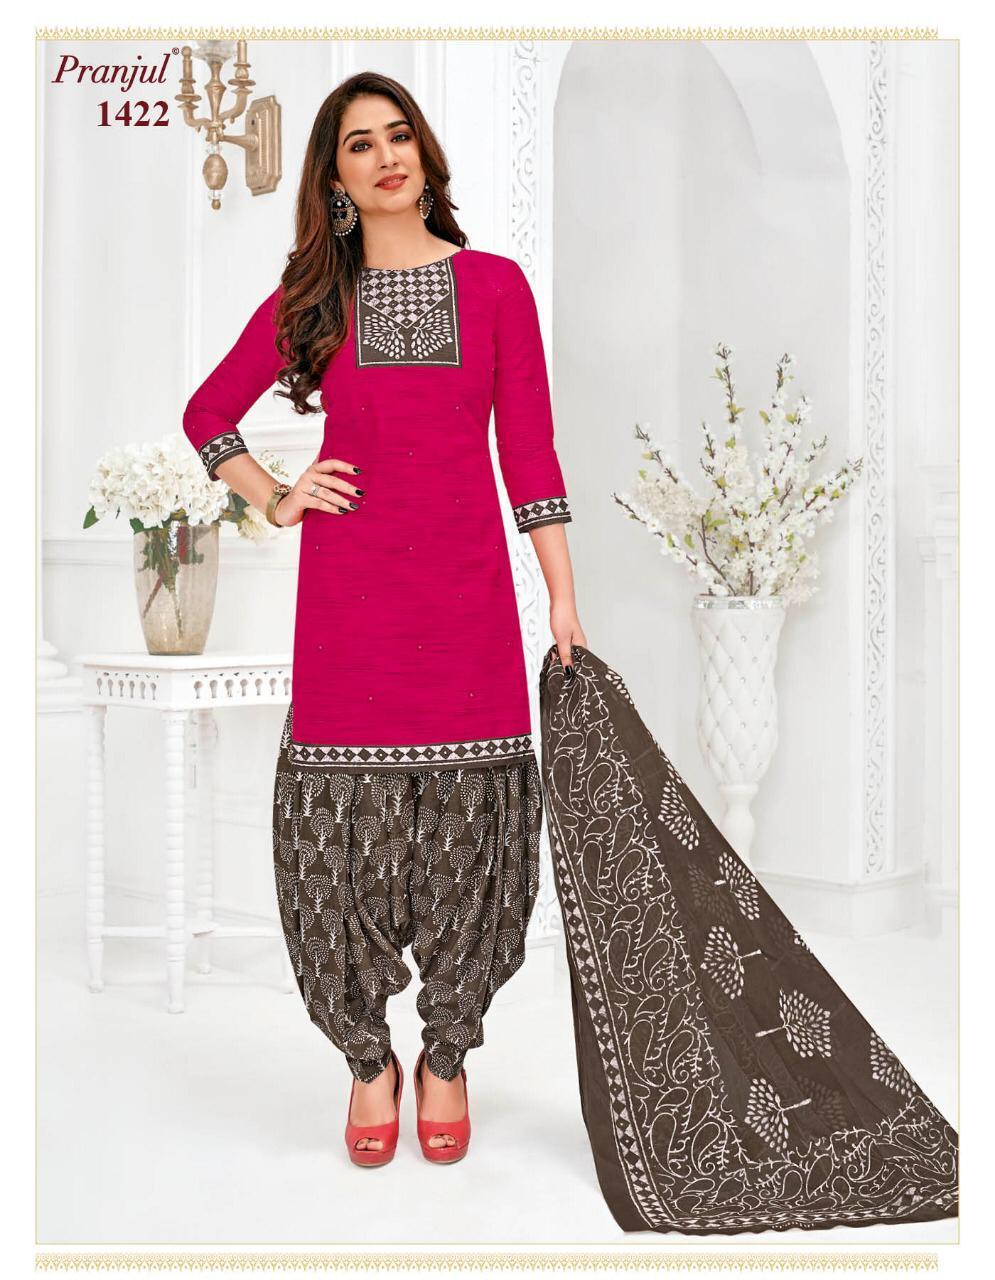 Pranjul Premium Collection Vol 1 Designer Suits Wholesale